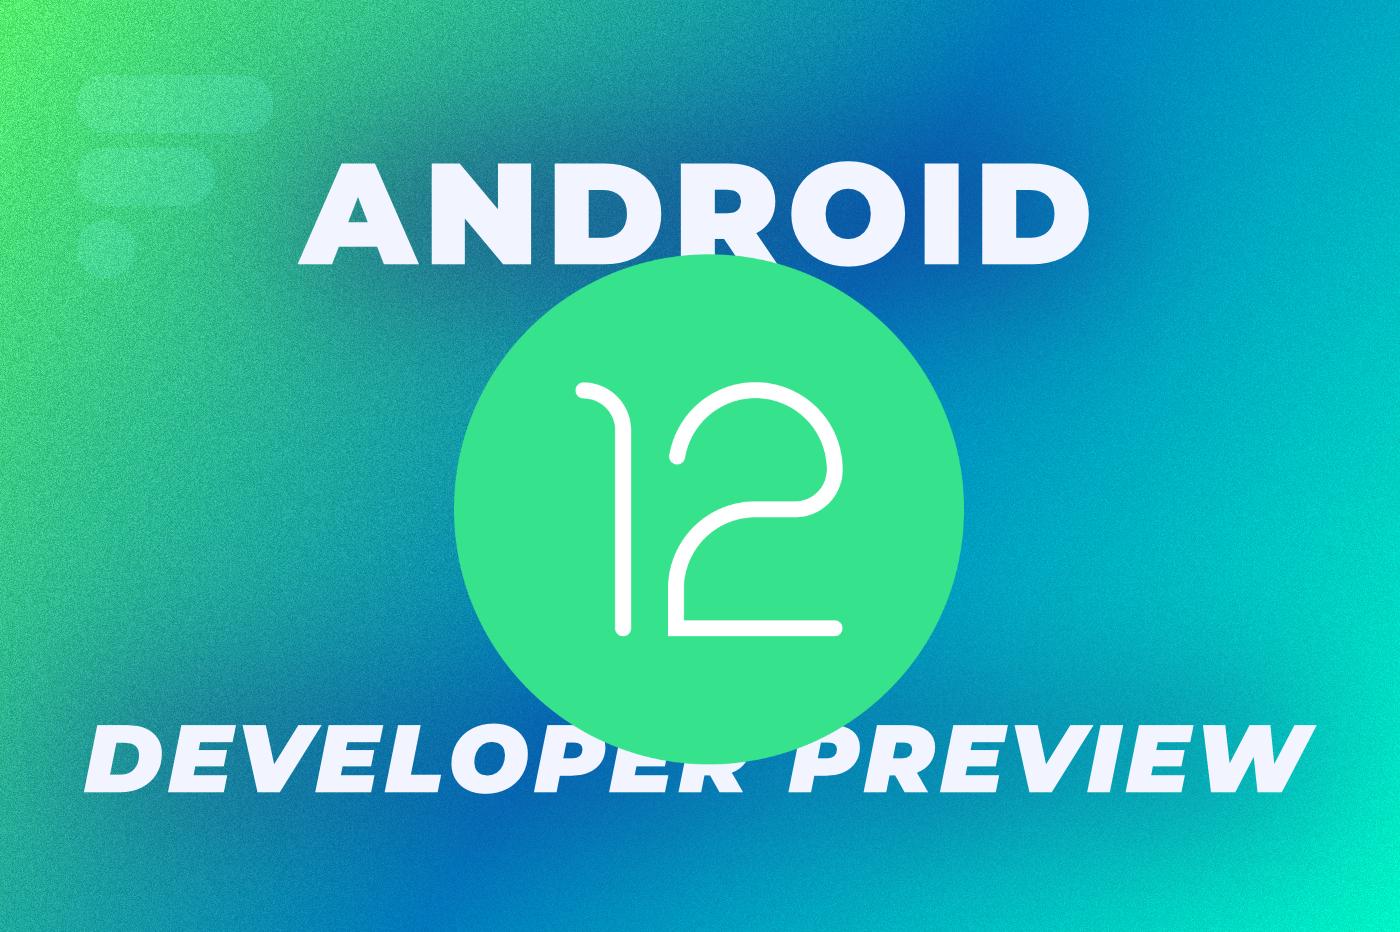 Android 12 Developer Preview est disponible : quelles nouveautés ? comment l'installer ? - Frandroid